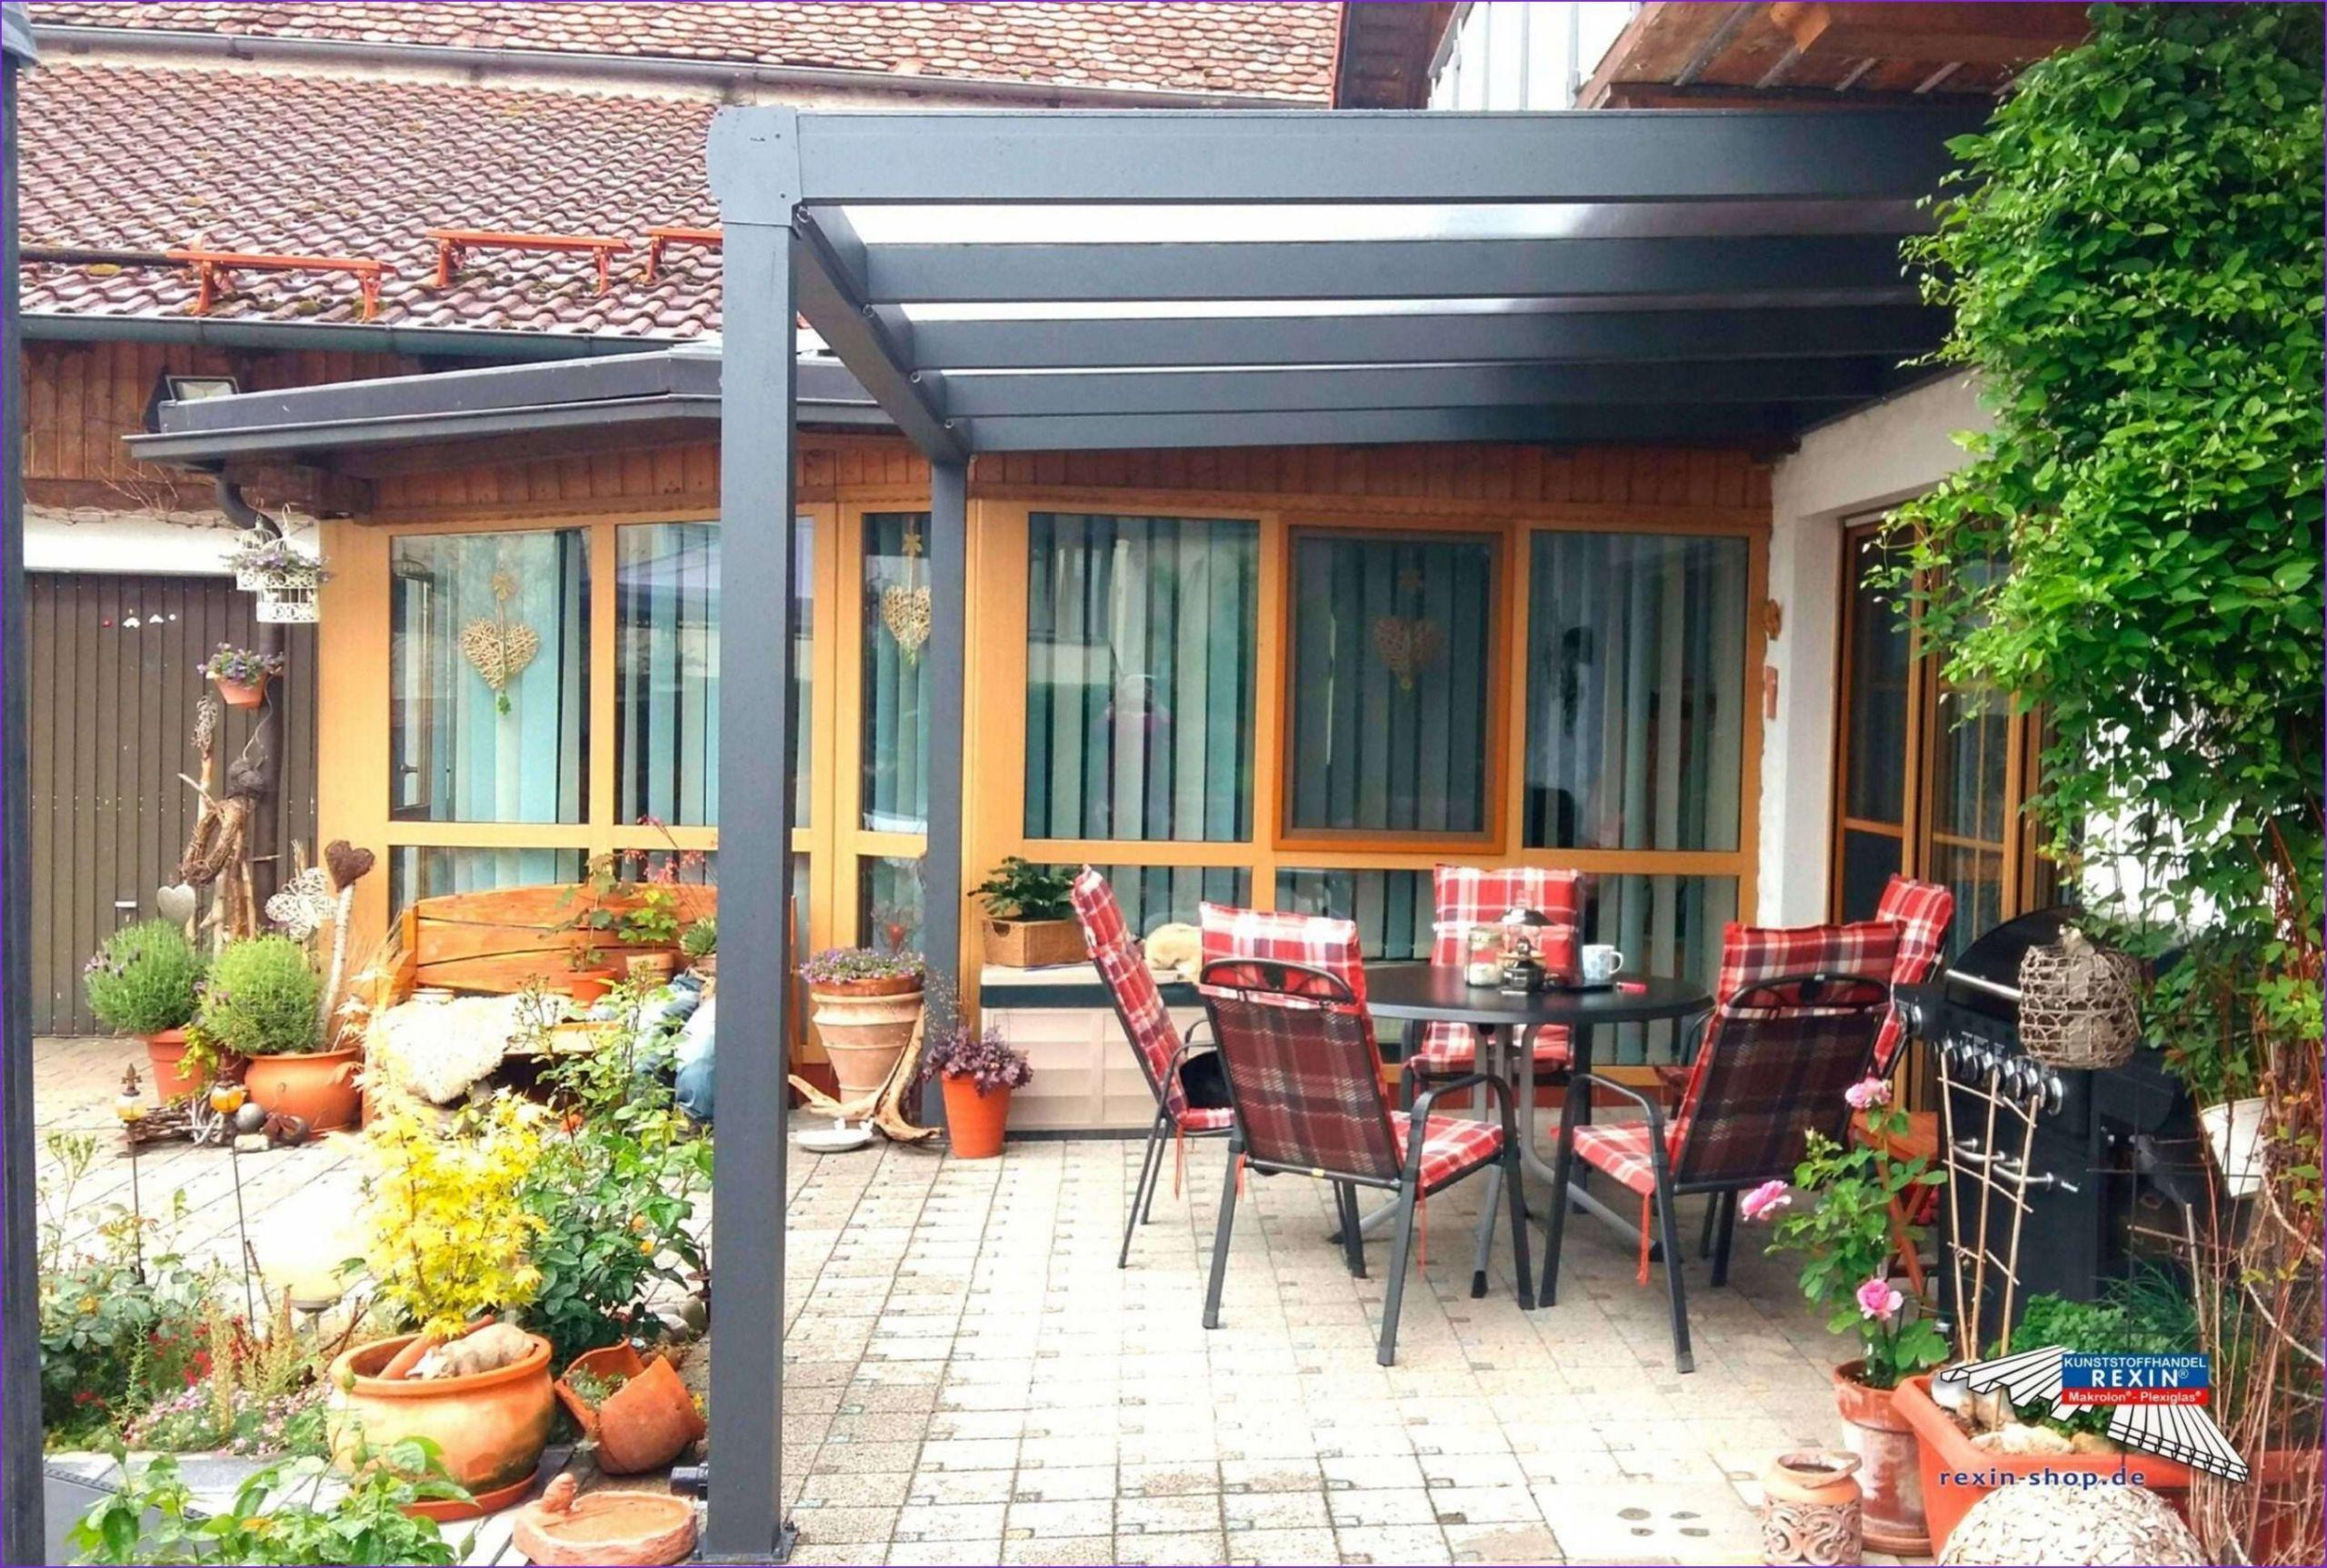 Deko Wand Terrasse Best Of Terrassen Deko Selbst Gemacht — Temobardz Home Blog